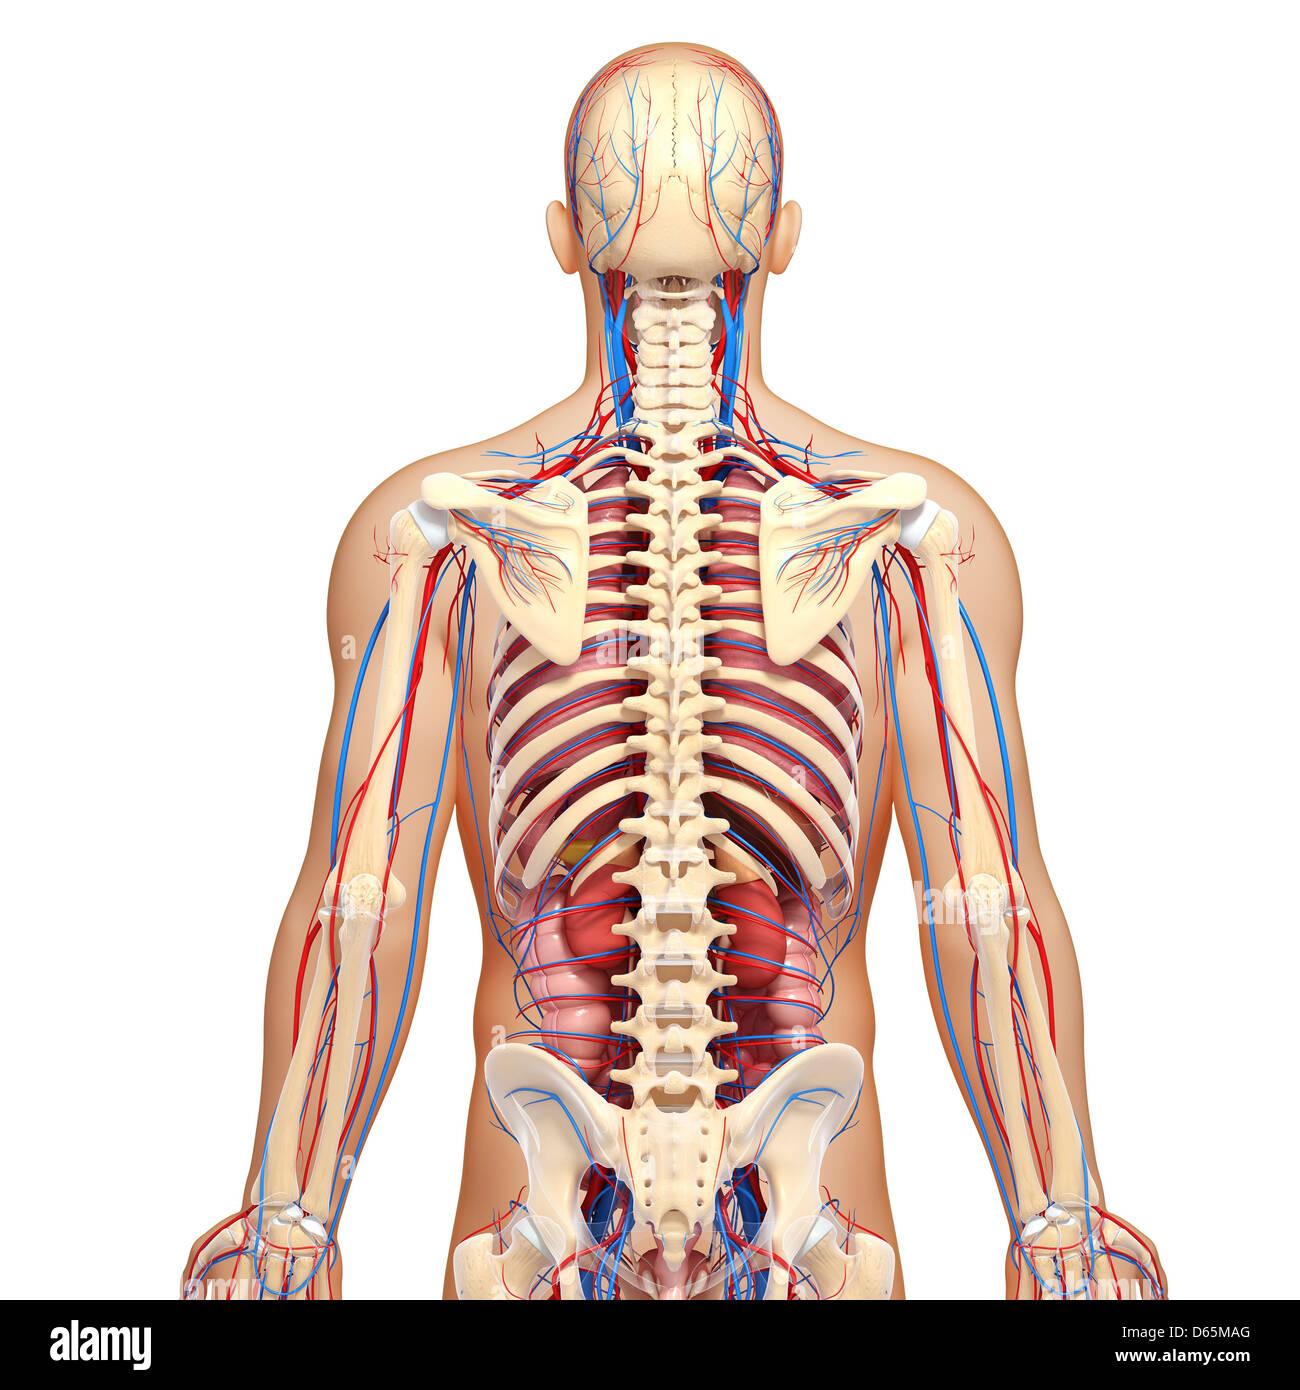 Spinal Cord Pelvic Girdle Stock Photos & Spinal Cord Pelvic Girdle ...